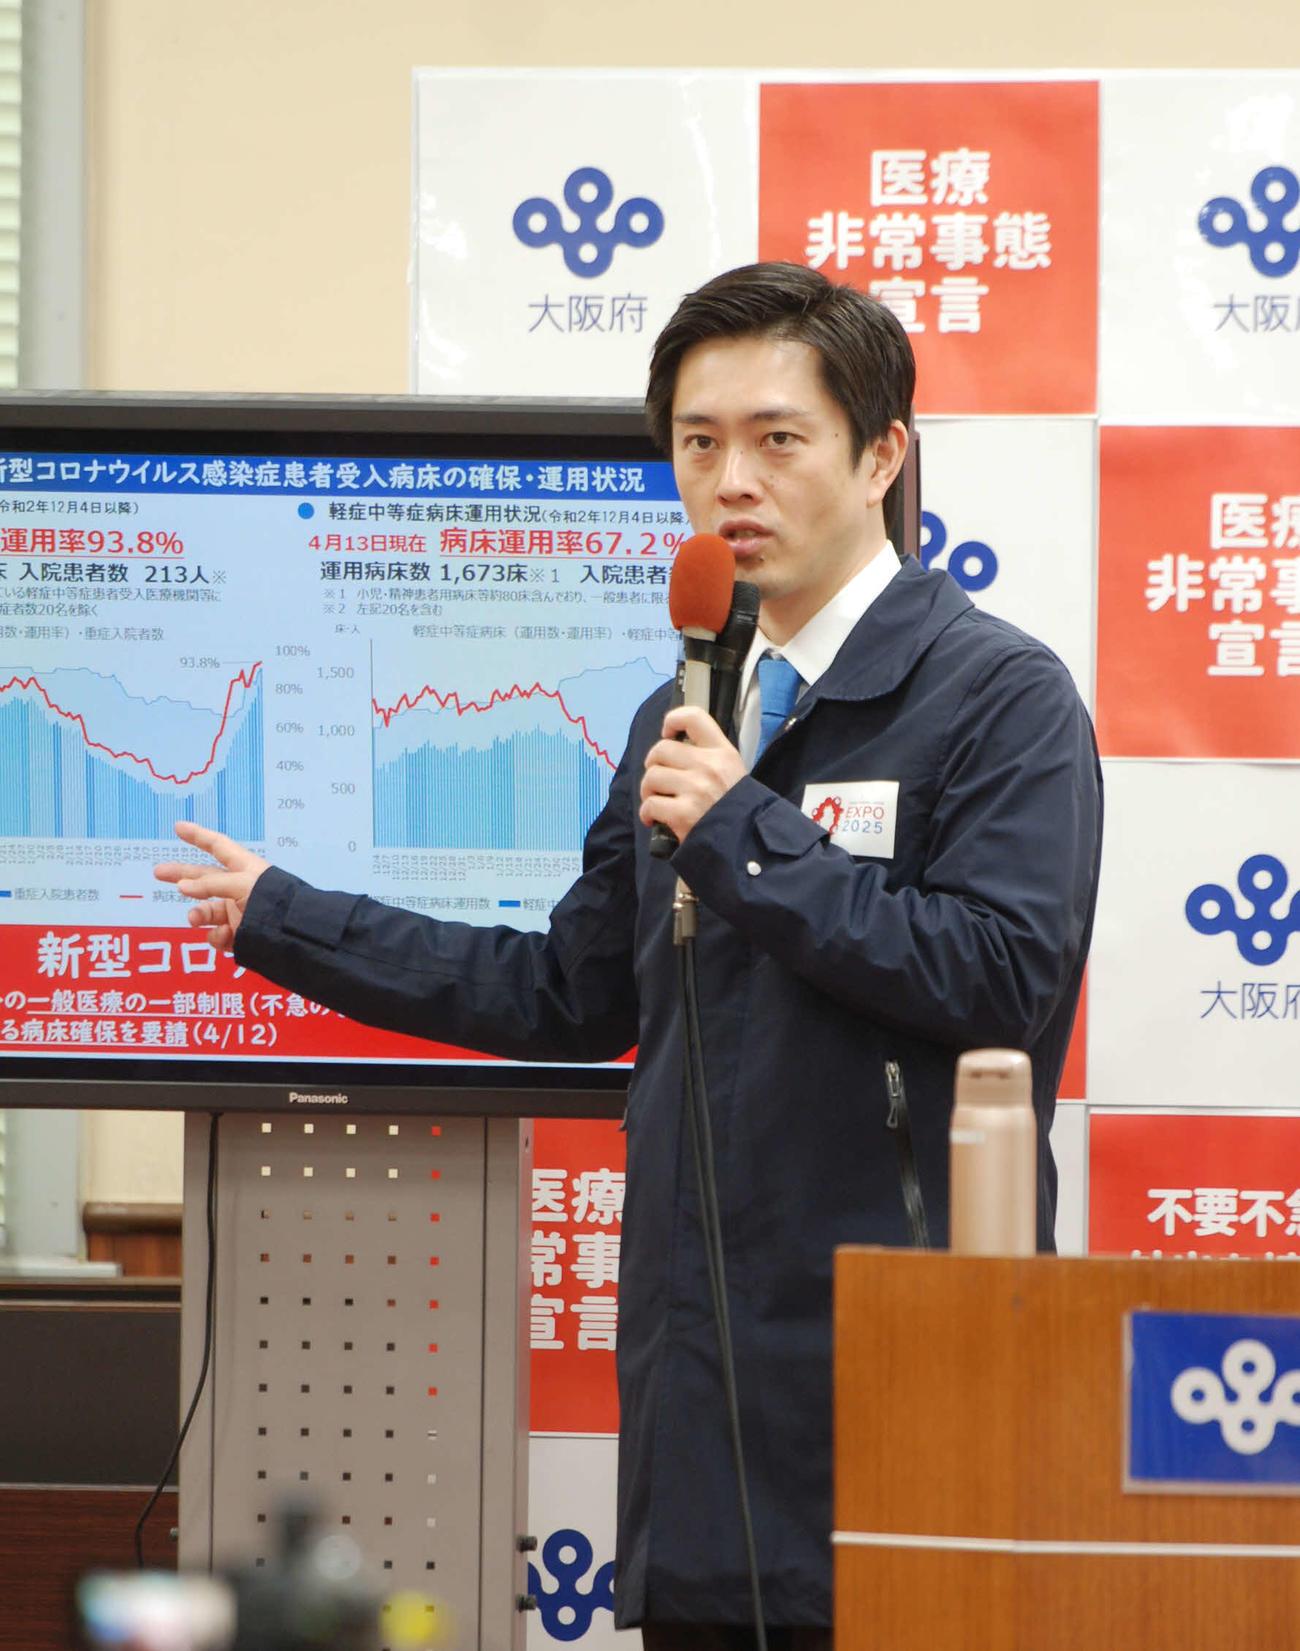 記者会見で大阪の感染状況を説明する大阪府の吉村洋文知事(撮影・松浦隆司)